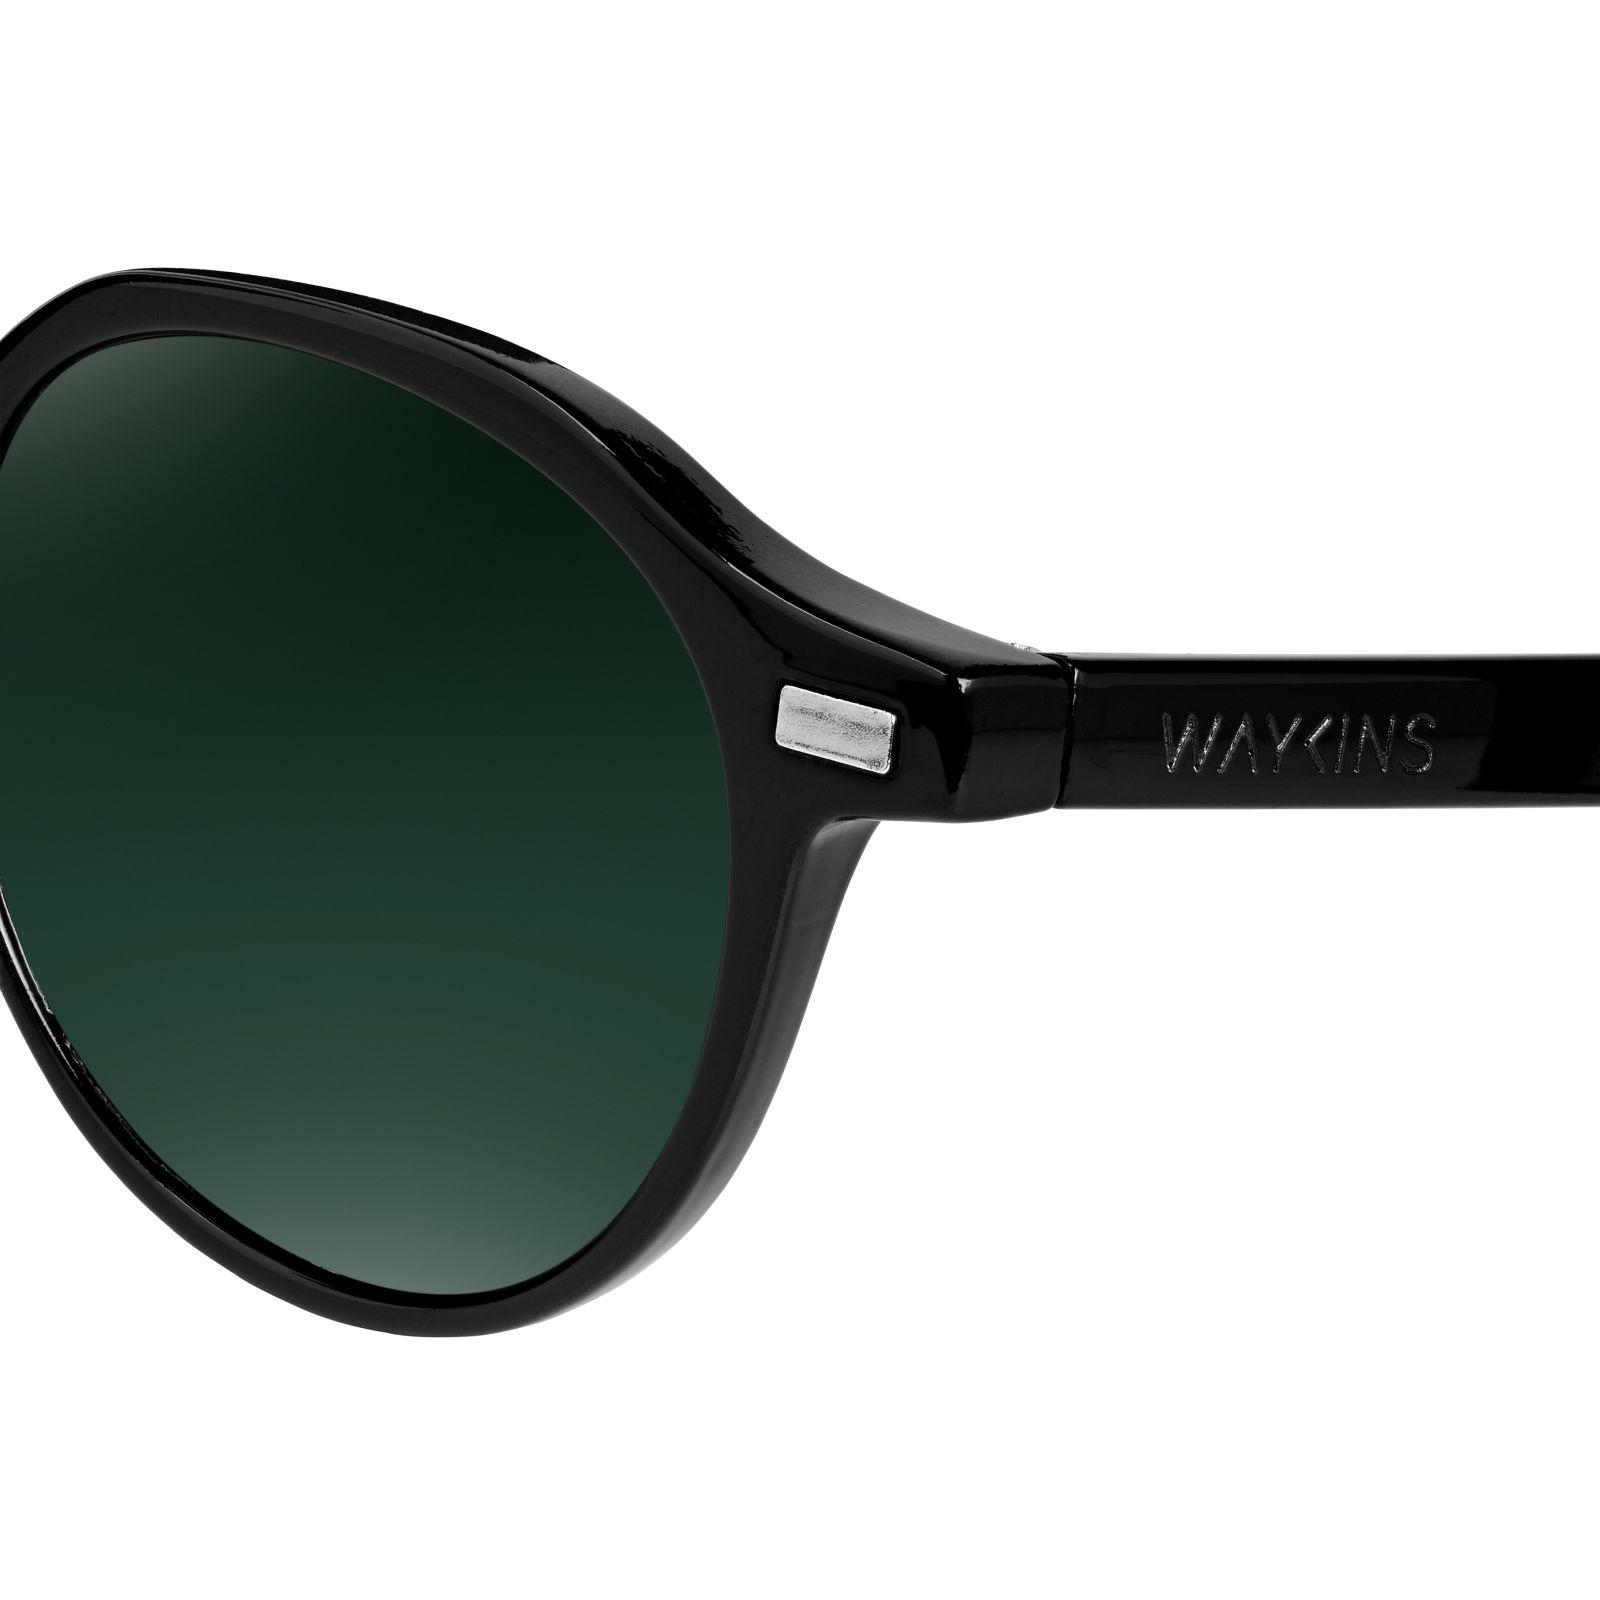 Wagner Schwarze Sonnenbrille DOZsuDX